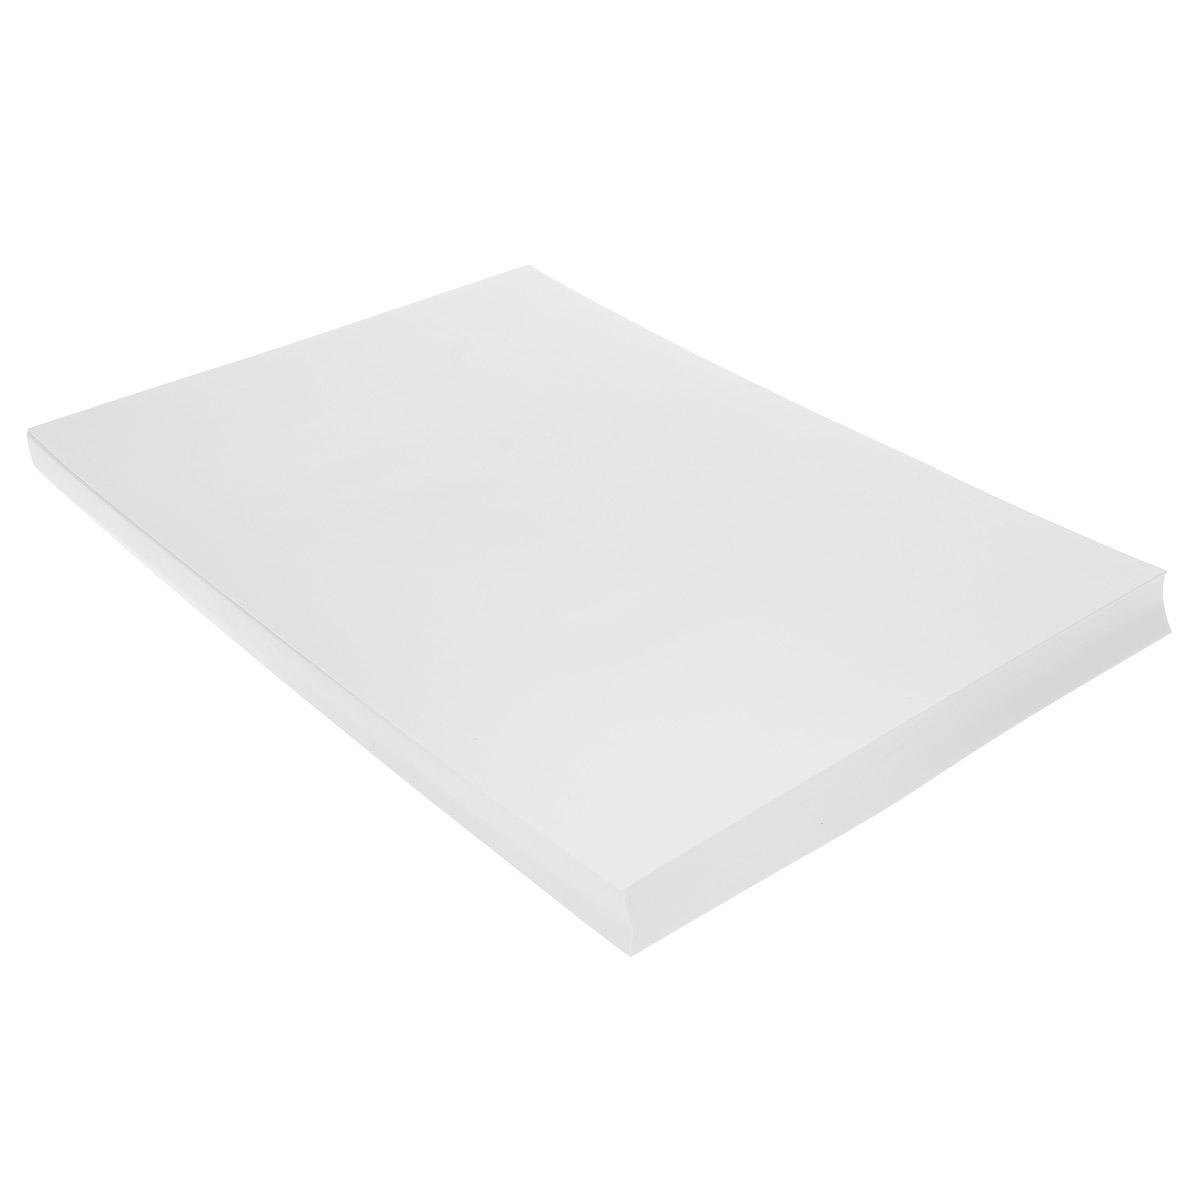 Бумага для черчения  Гознак , 100 листов, формат А3. БЧ-0590 -  Бумага и картон